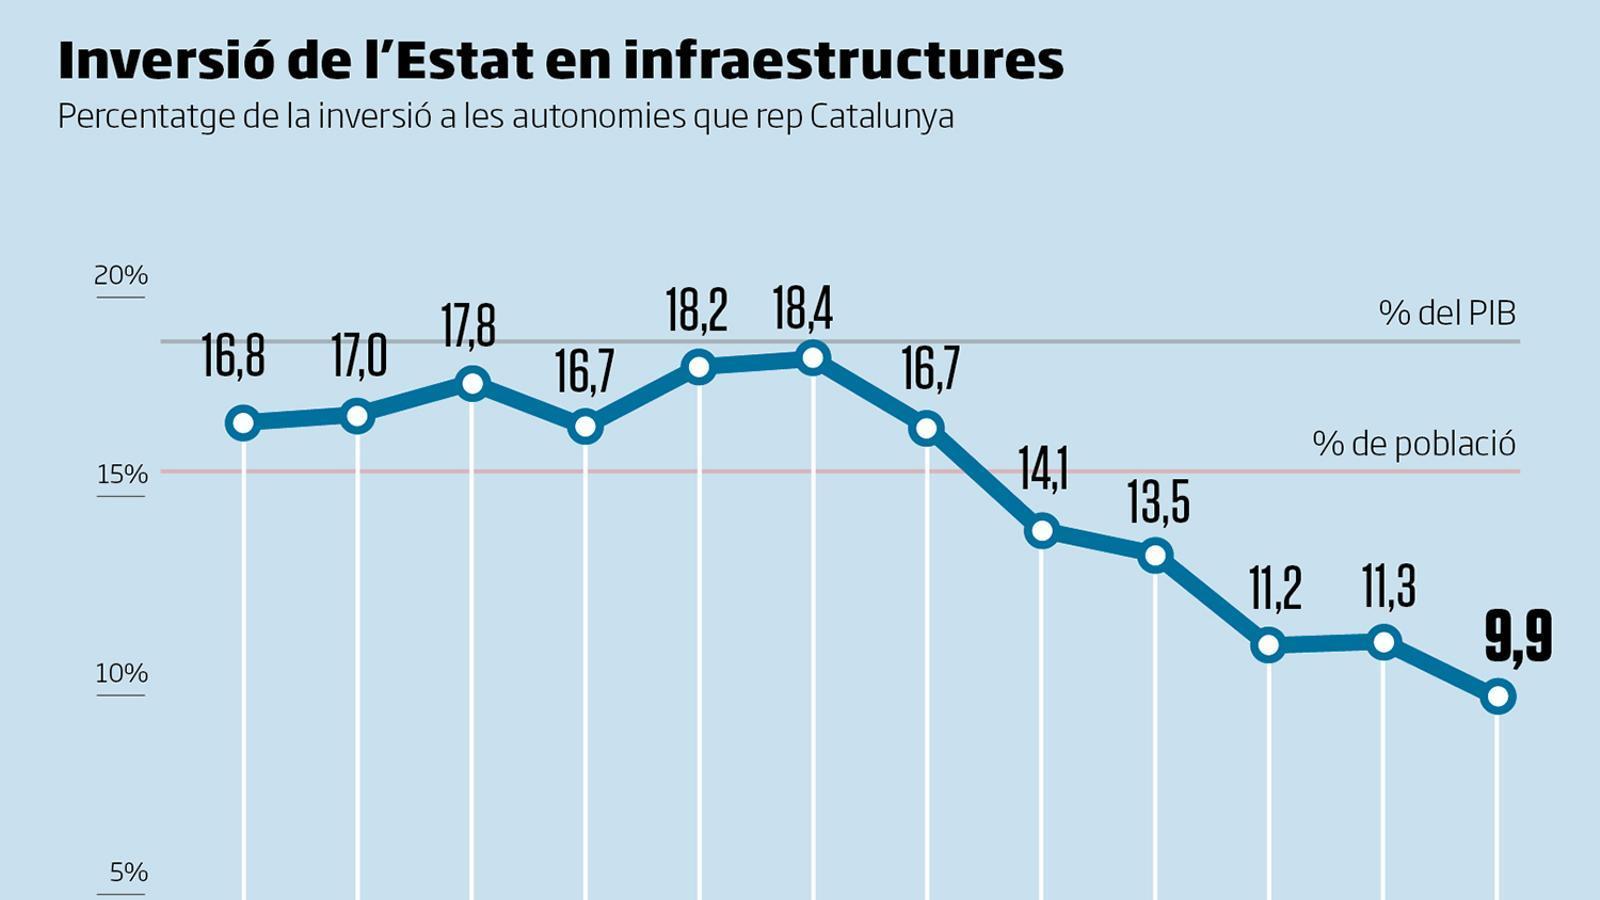 Inversió de l'Estat en infraestructures